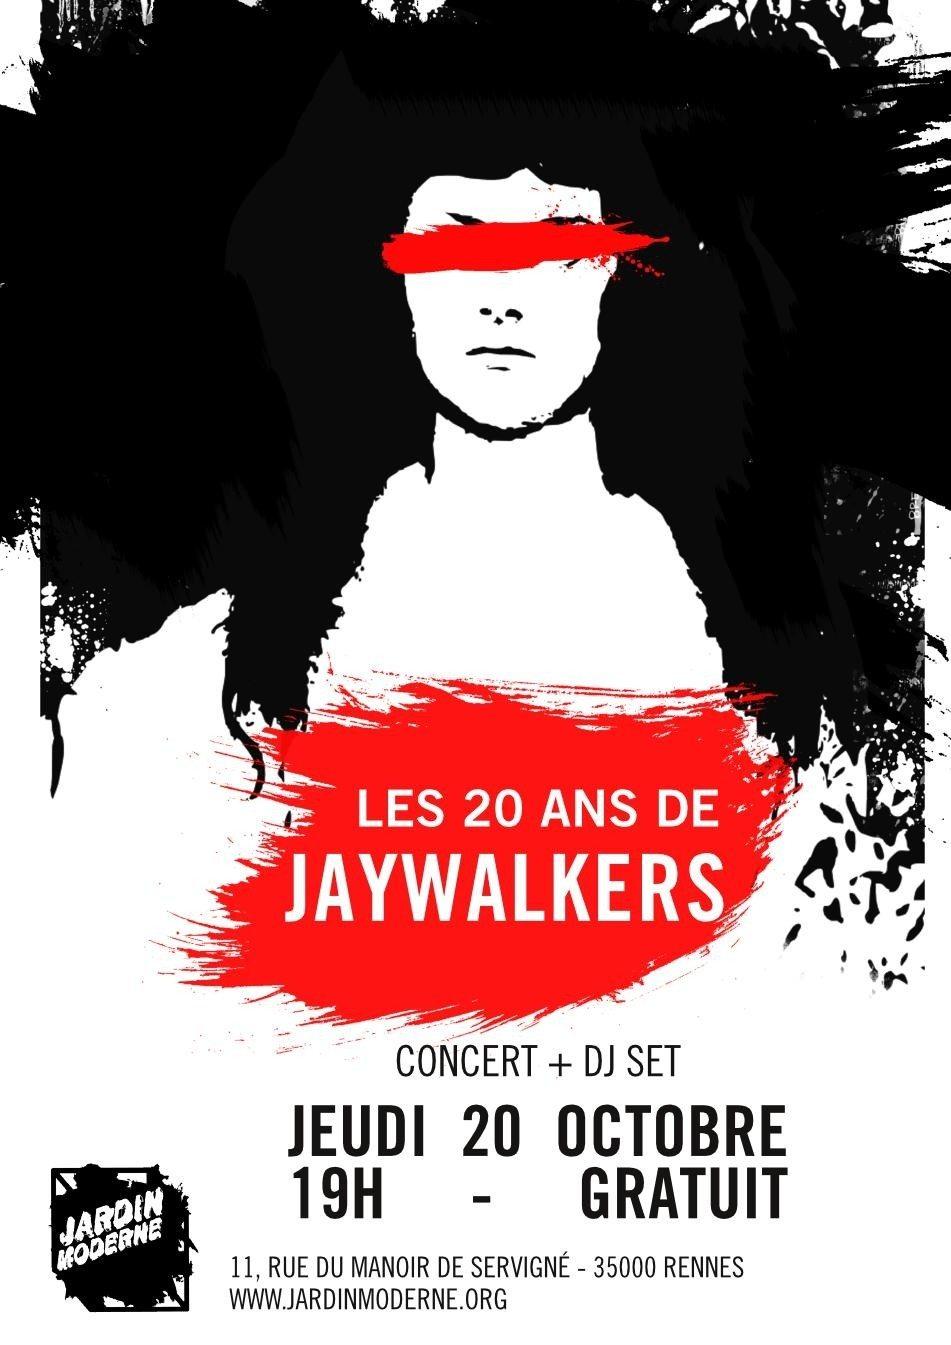 Les 20 ans de Jaywalkers Rennes